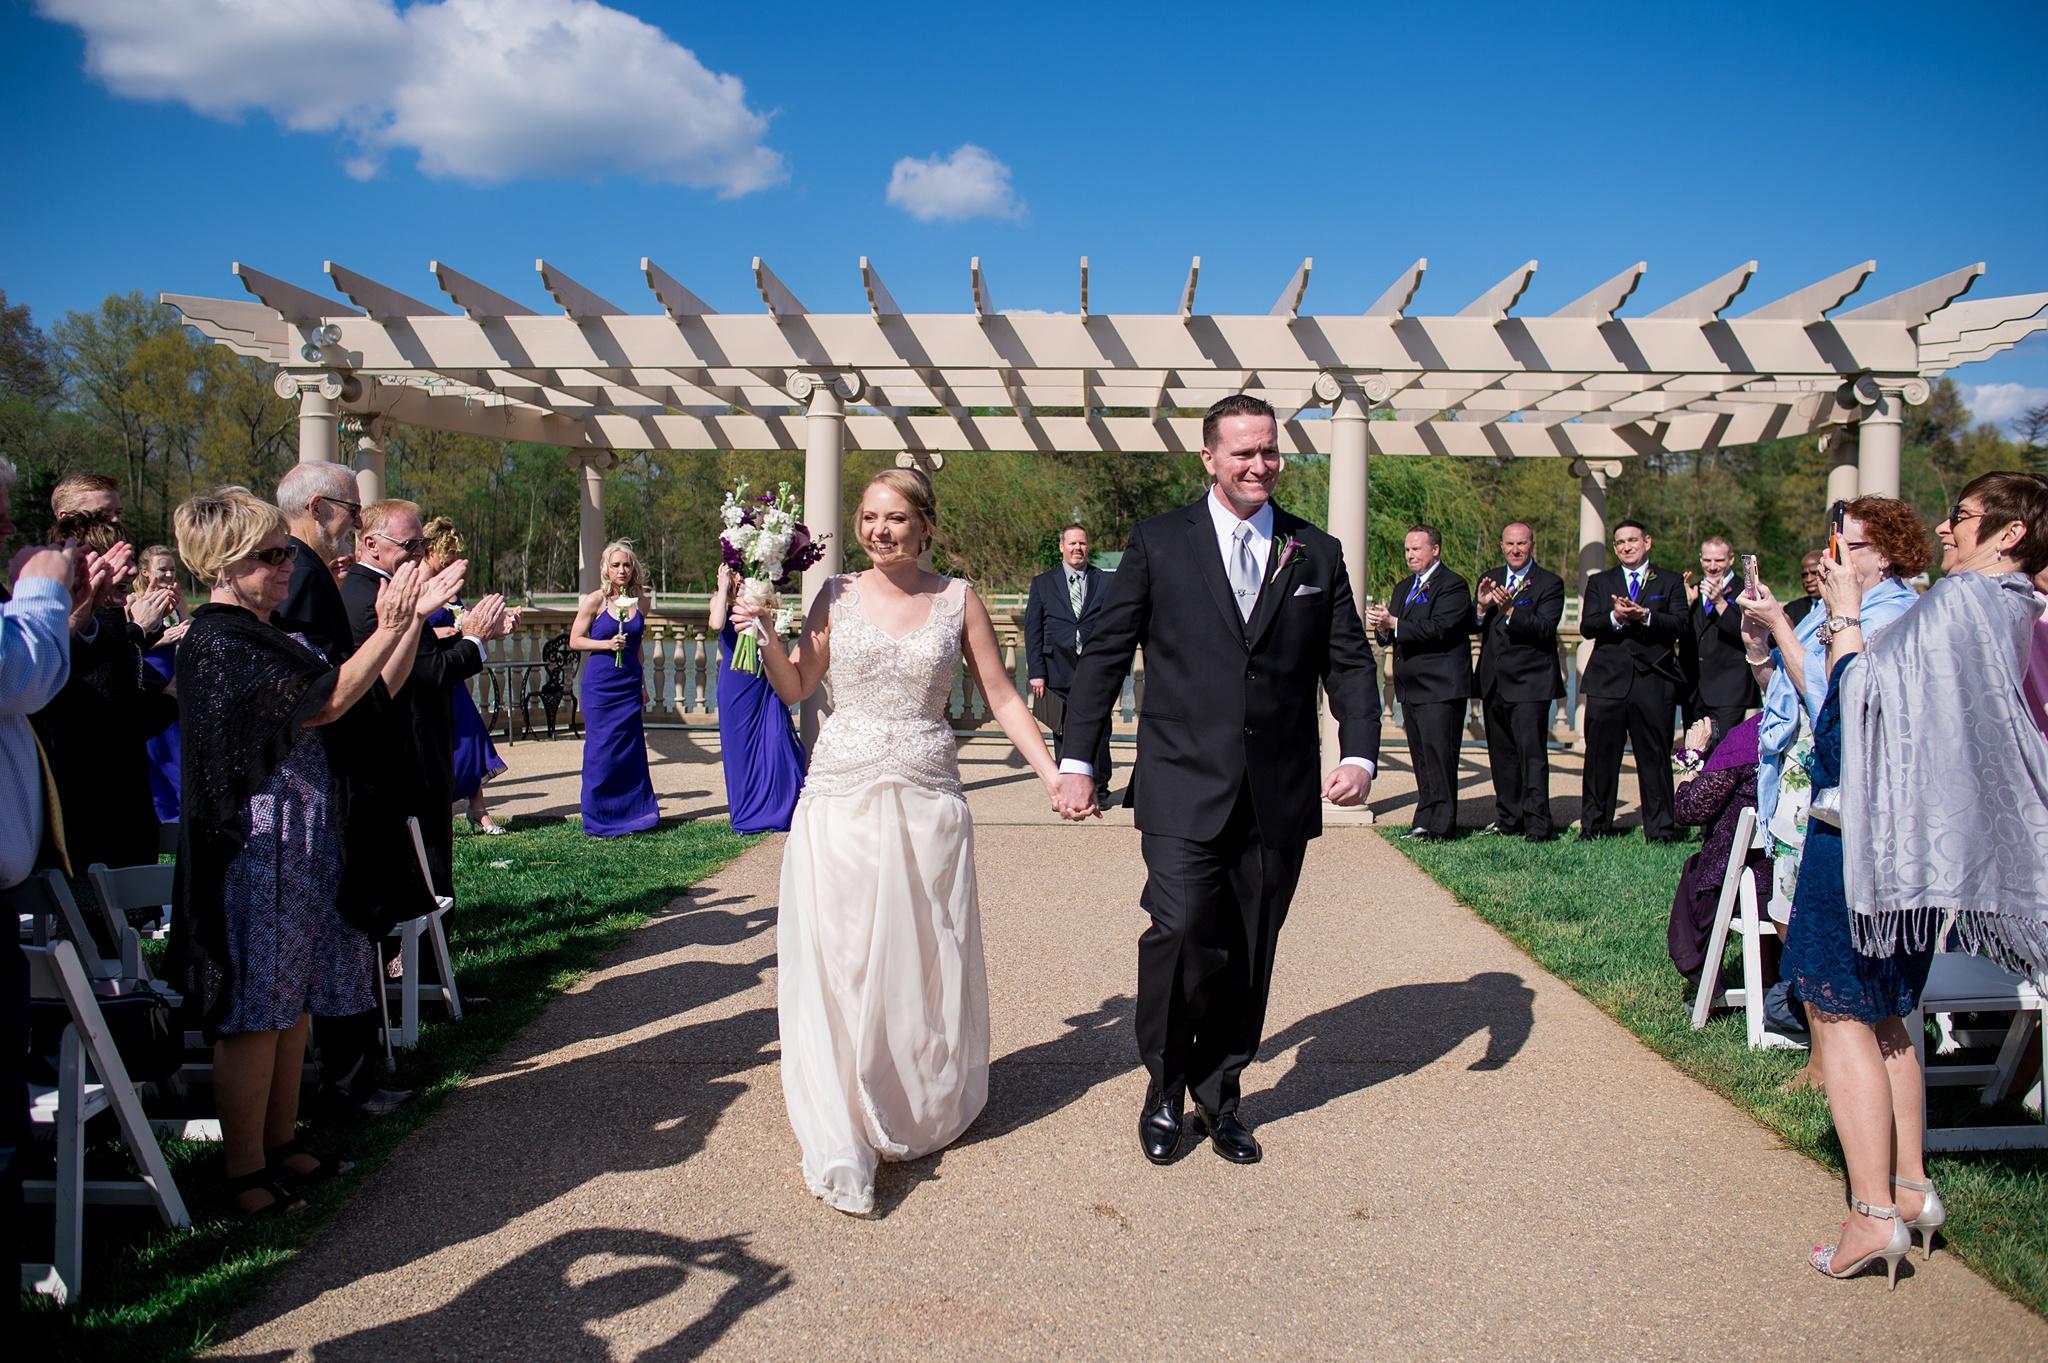 KelliandJohn.Married-450.jpg